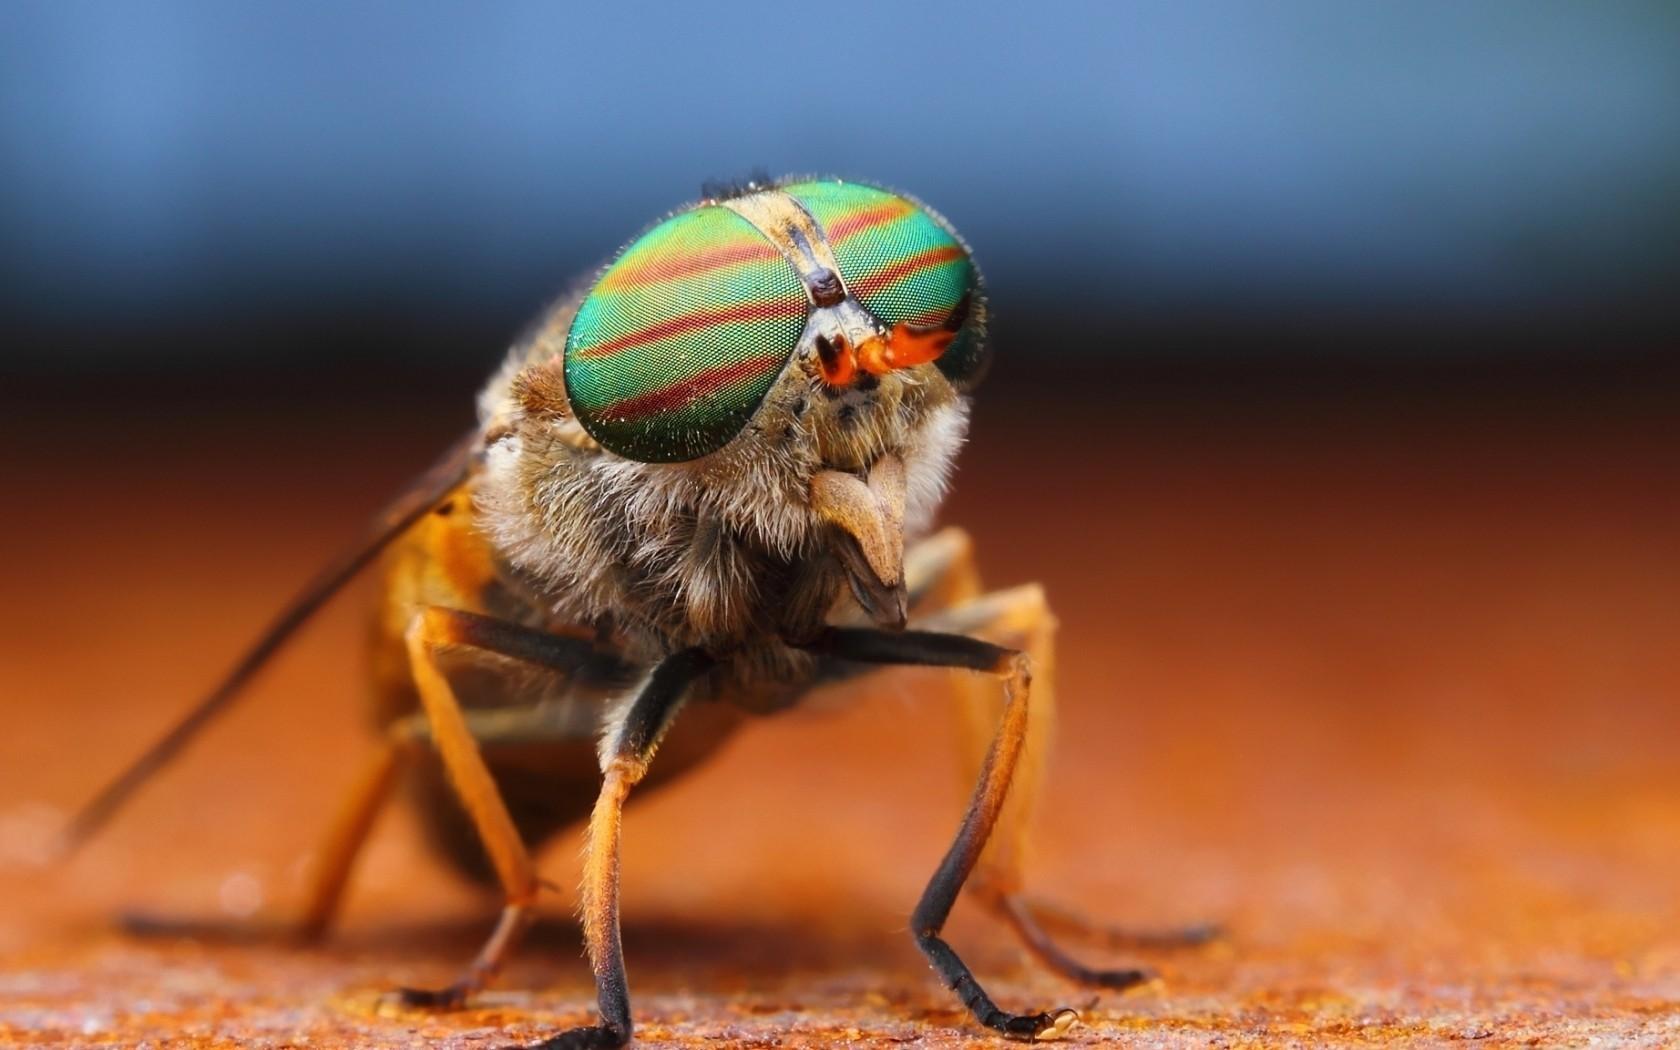 Un insecto - 1680x1050